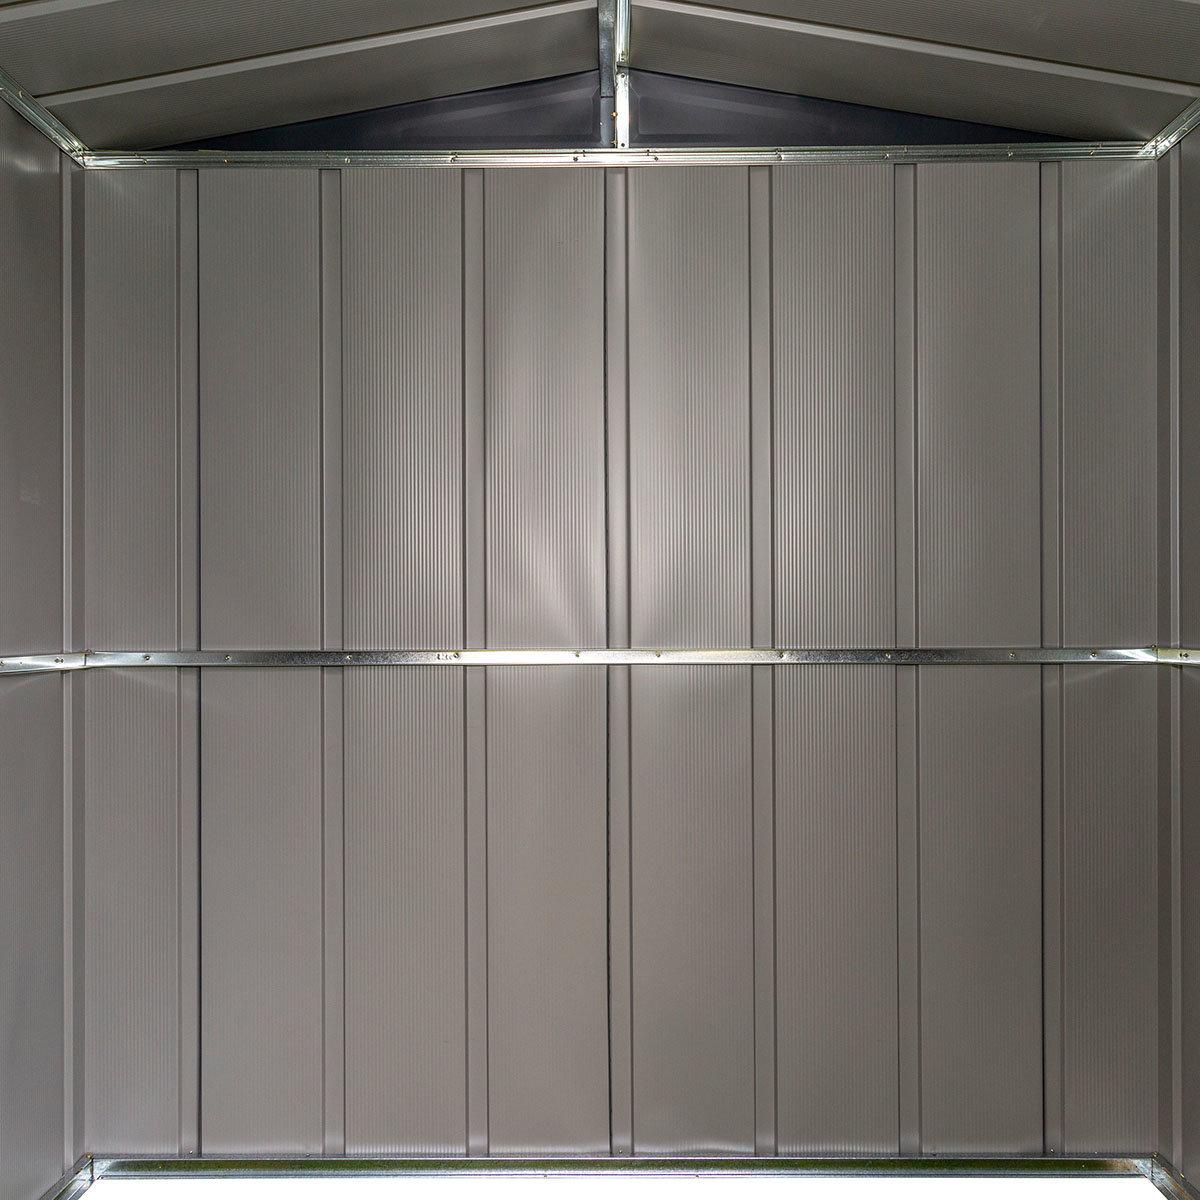 Metallgerätehaus, rostfrei, verzinkter Stahl, ca. 151 x 190 x 194 cm   #11